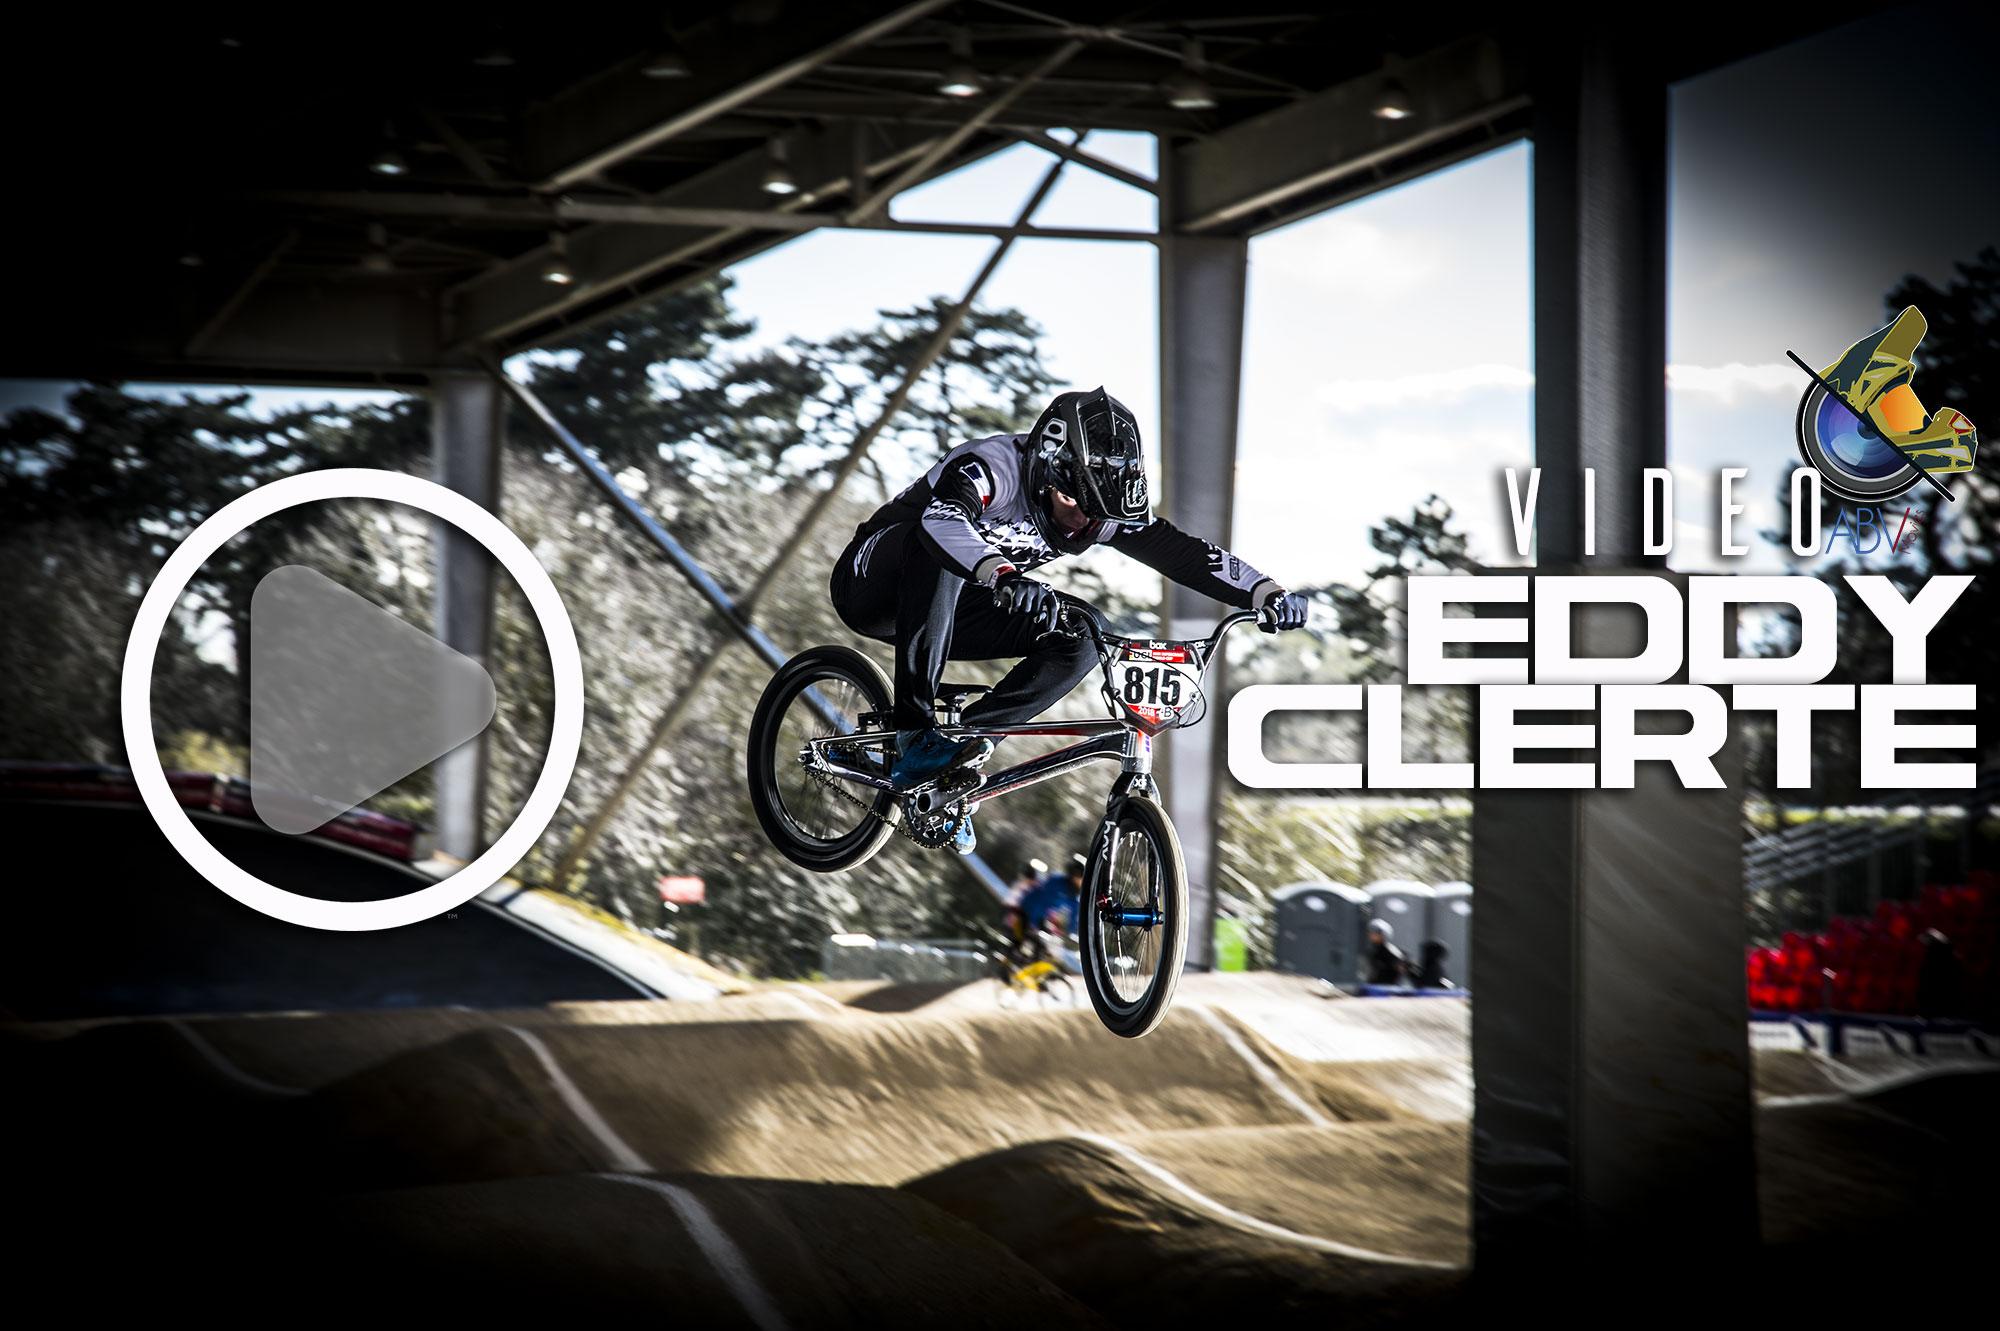 Vidéo Eddy Clerté récap saison 2018